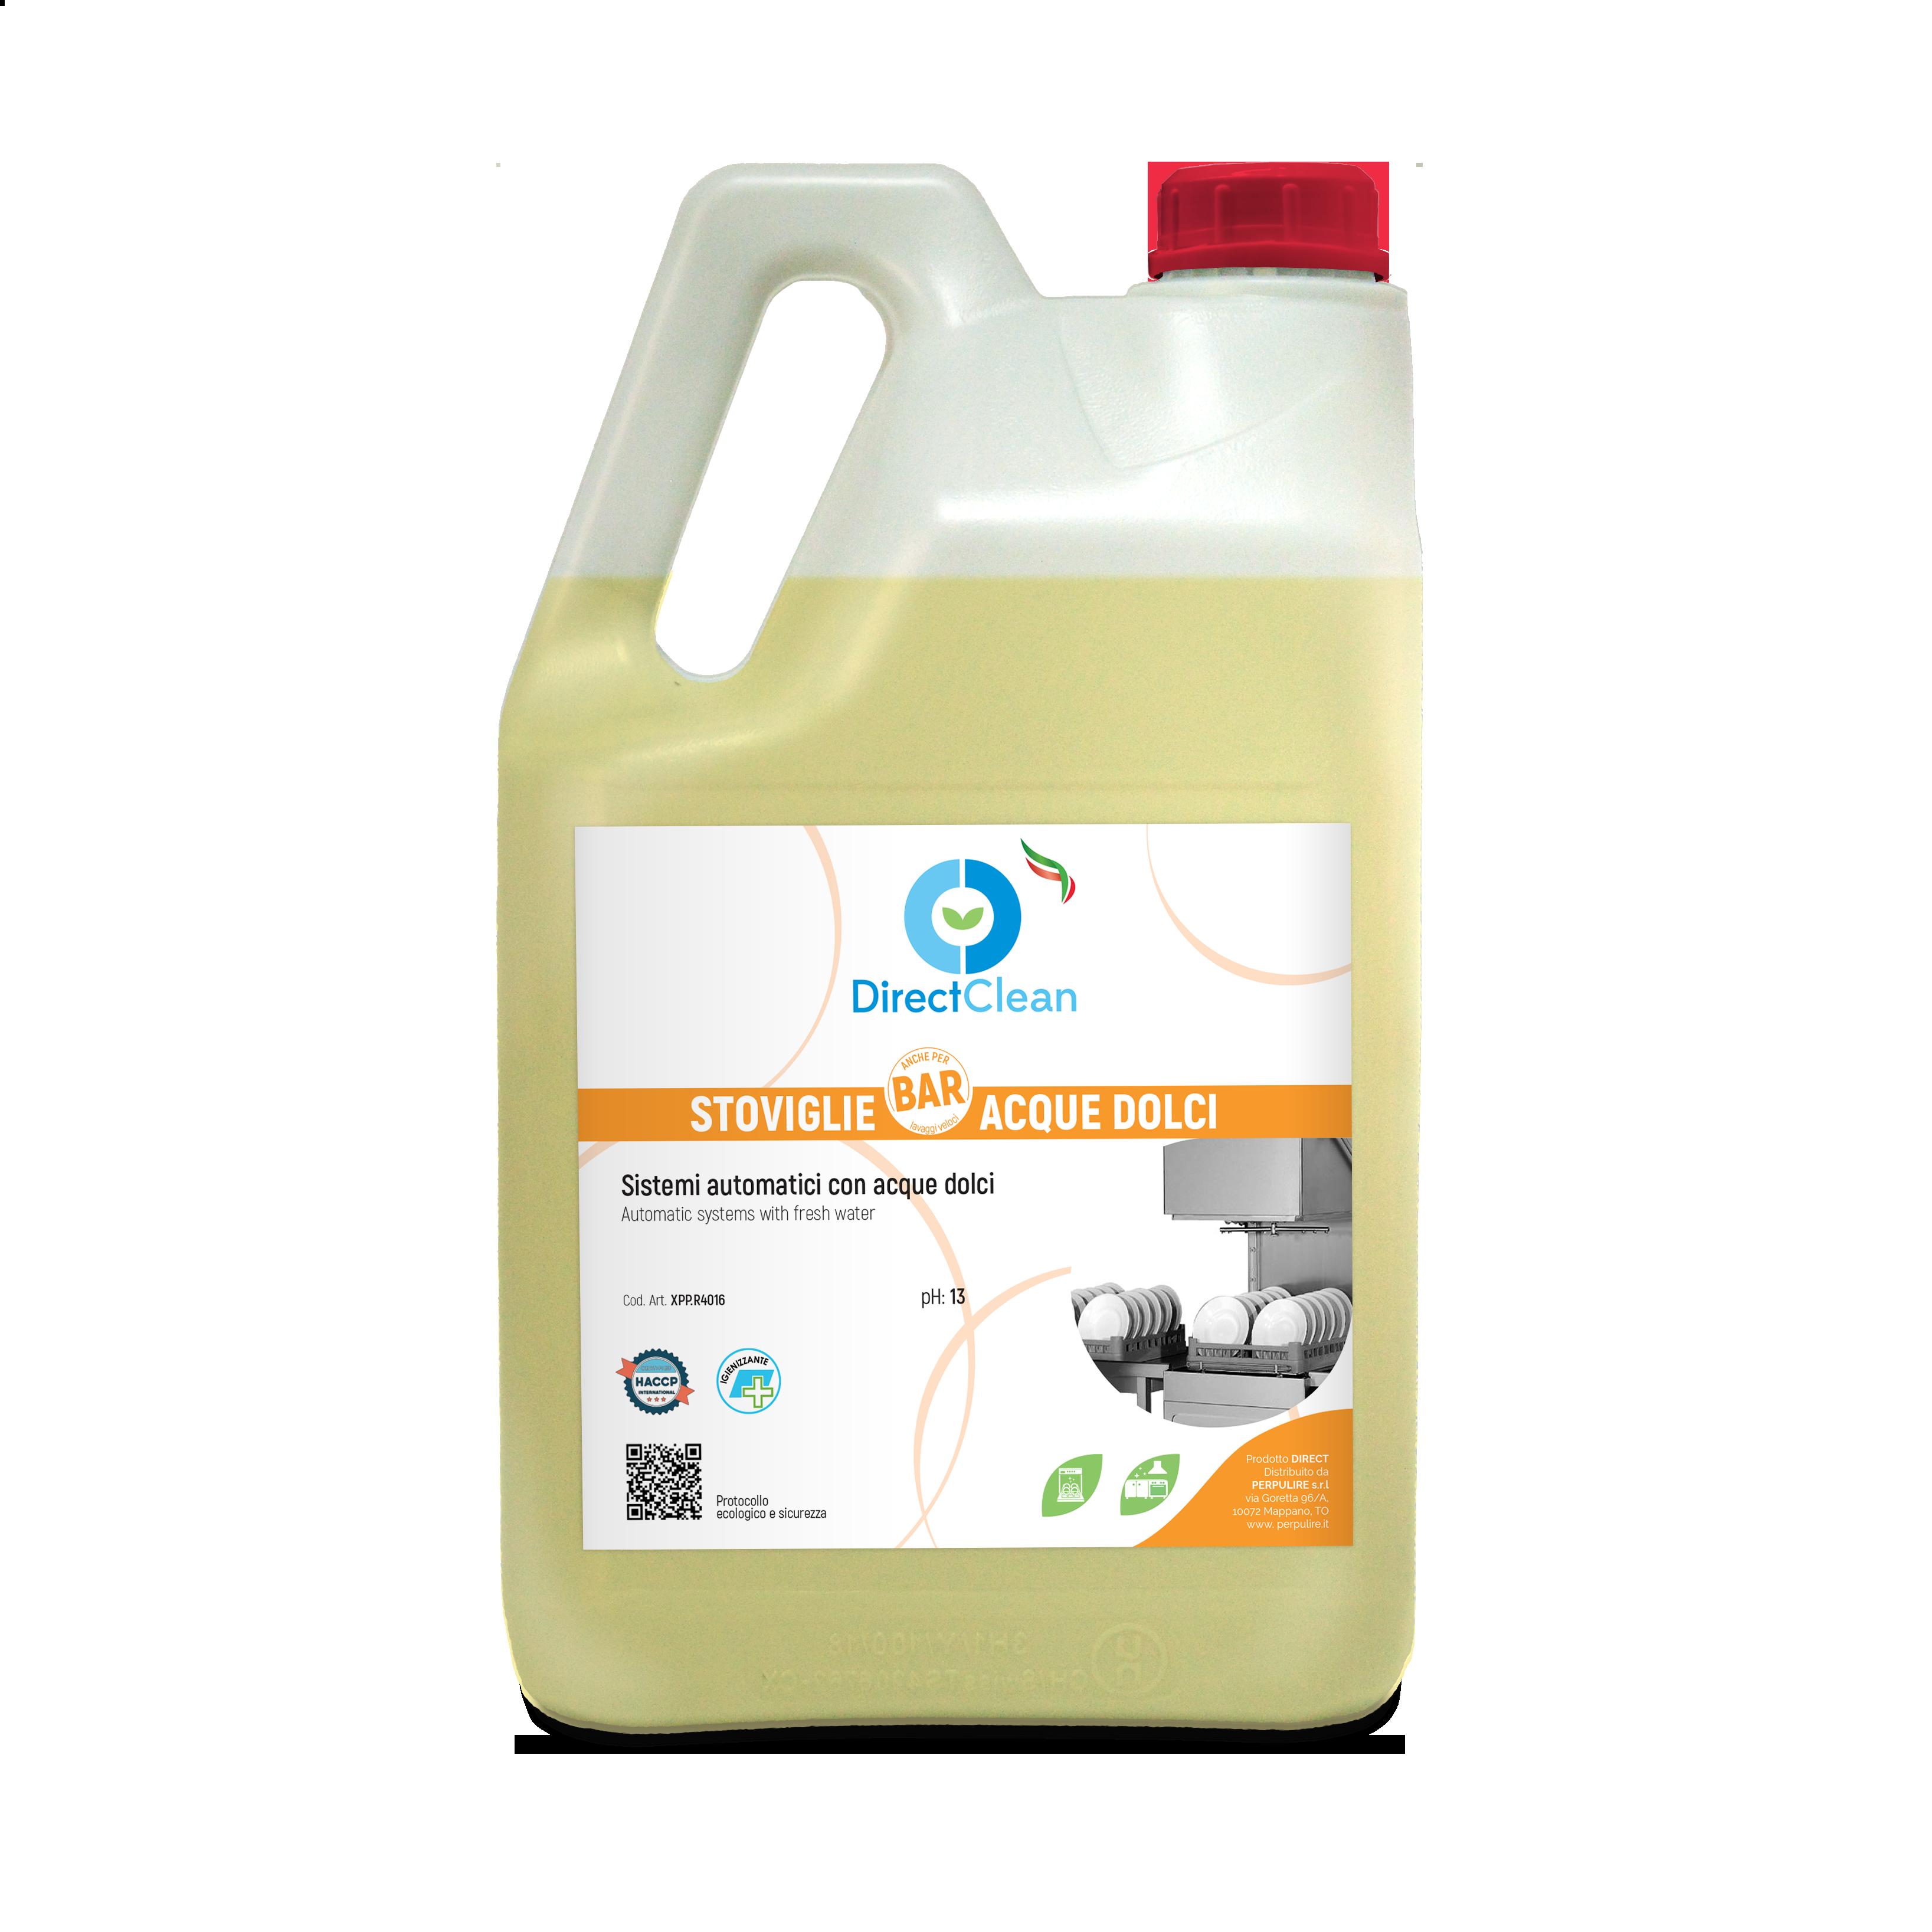 STOVIGLIEBAR (acque DOLCI) Detergente per acque dolci consigliato per elimianzione cattivi odori_Tanica 6 kg